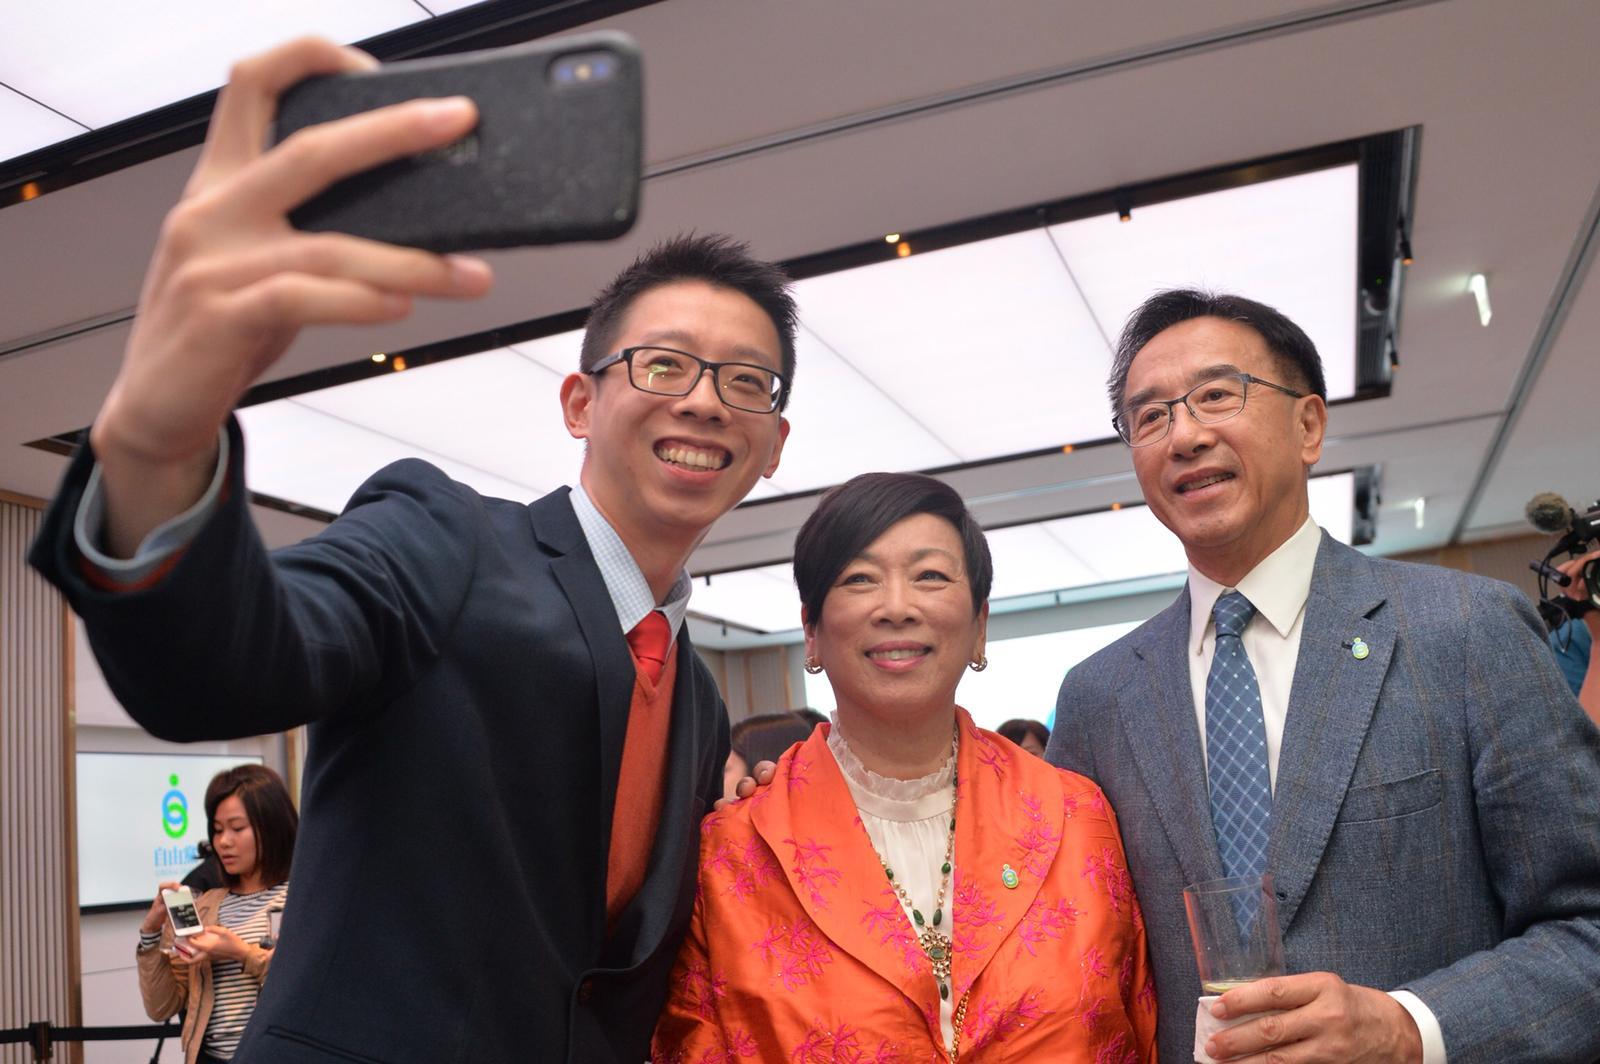 自由黨榮譽主席周梁淑怡(中)以及榮譽主席田北俊(右)。